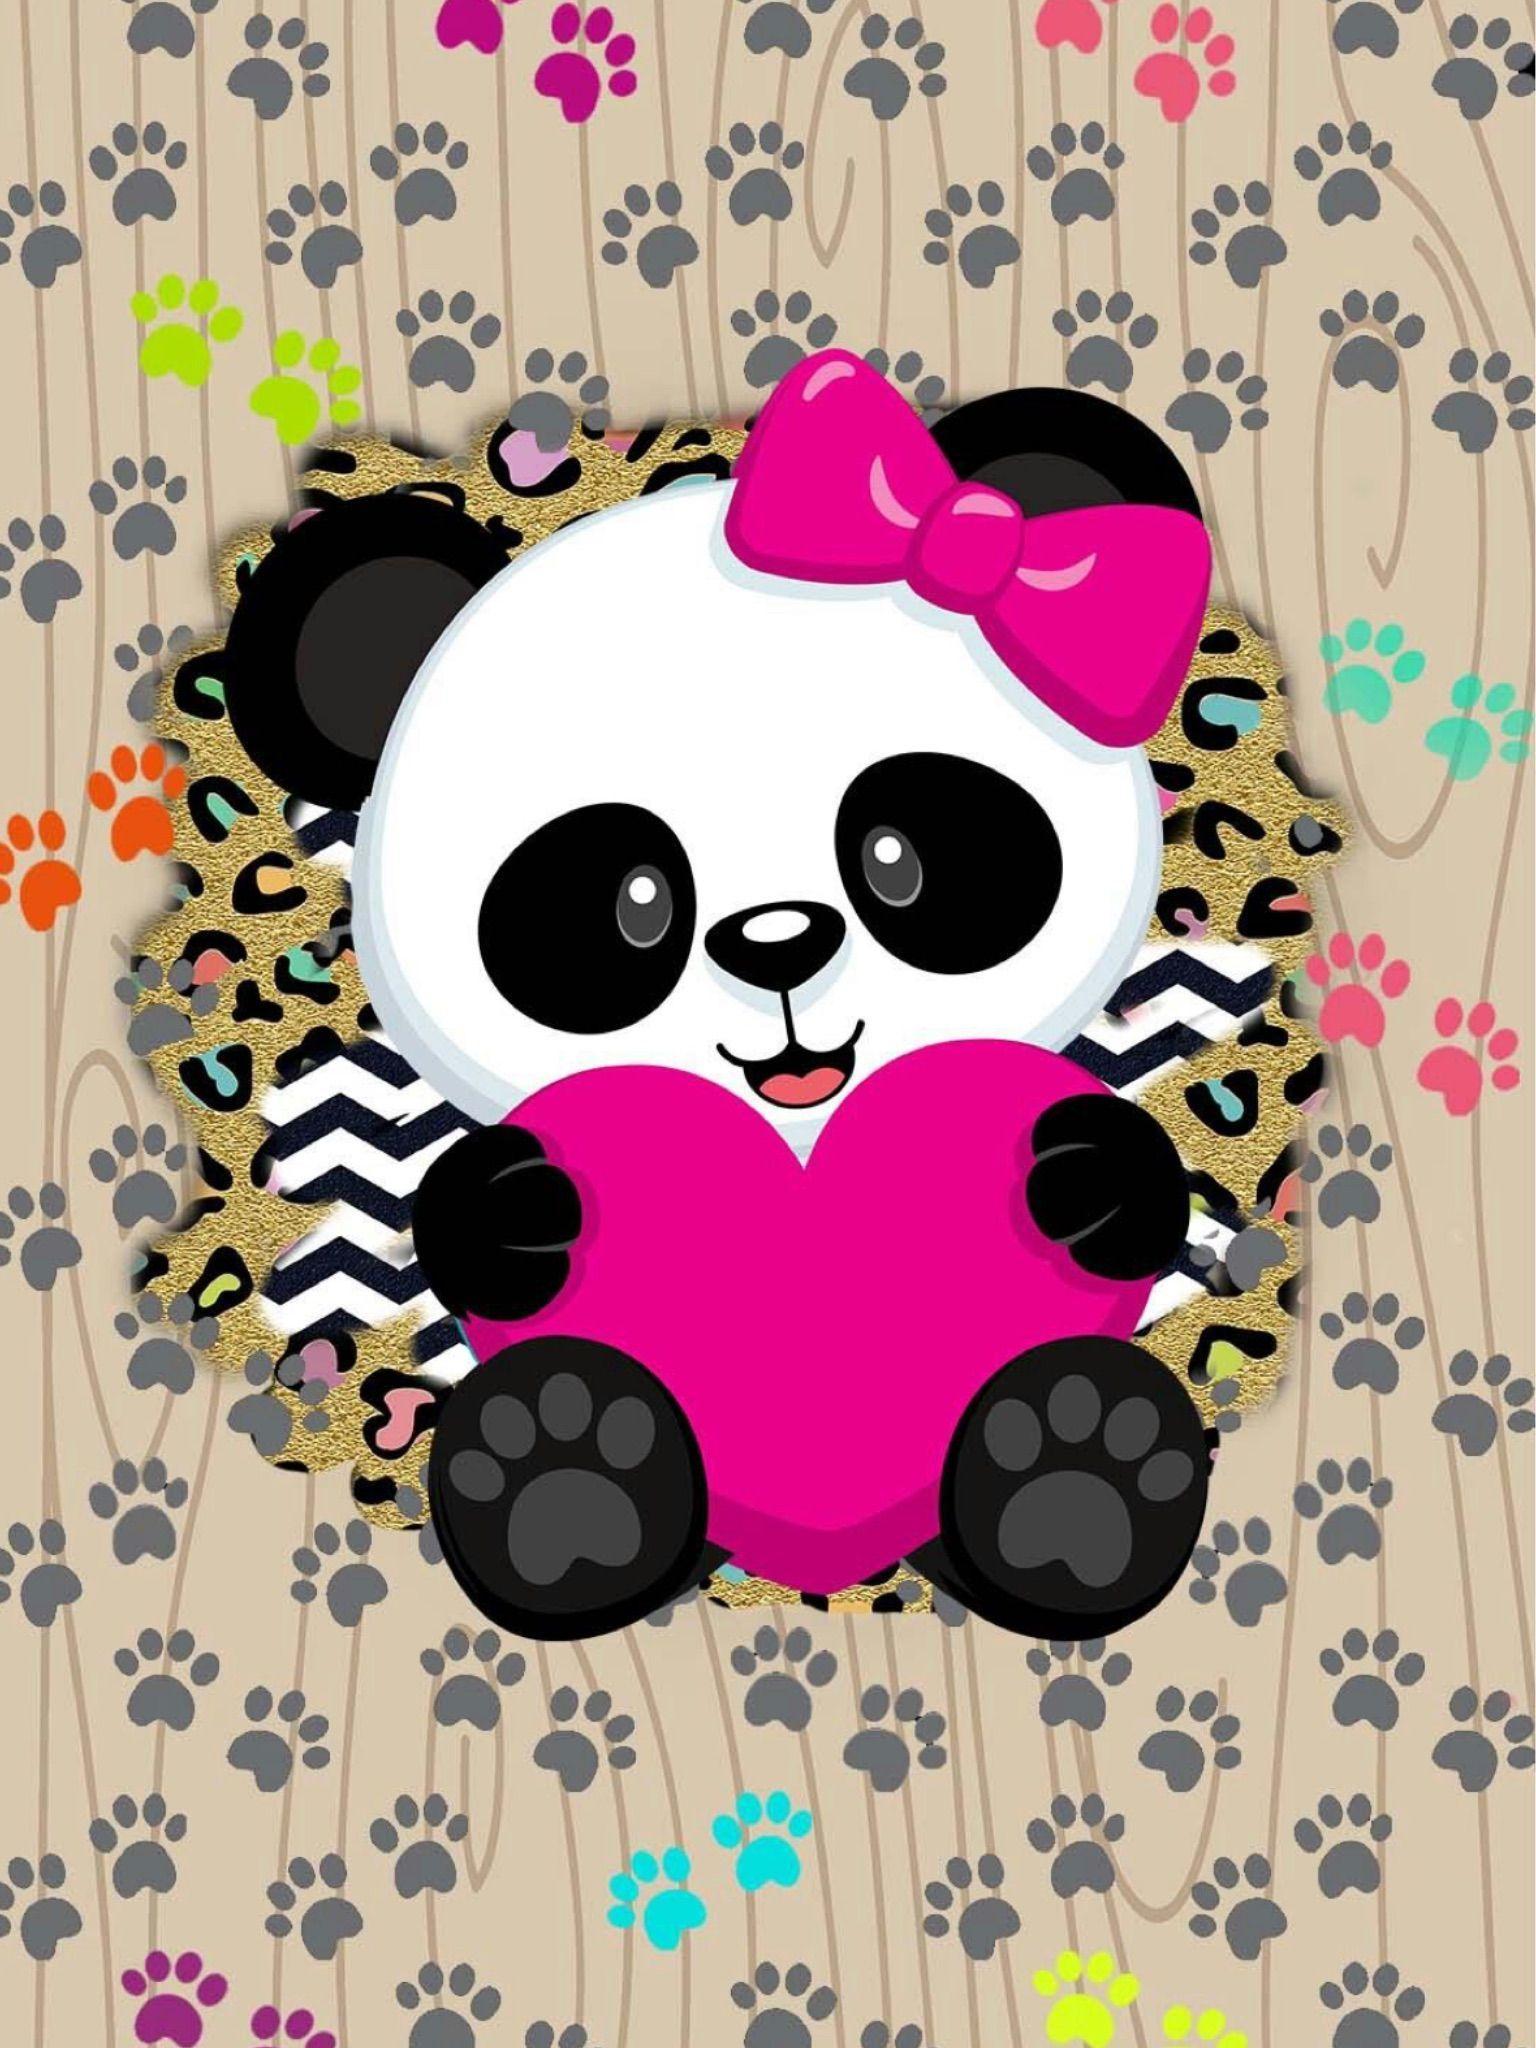 Phone Panda Wallpapers Wallpaper Cave